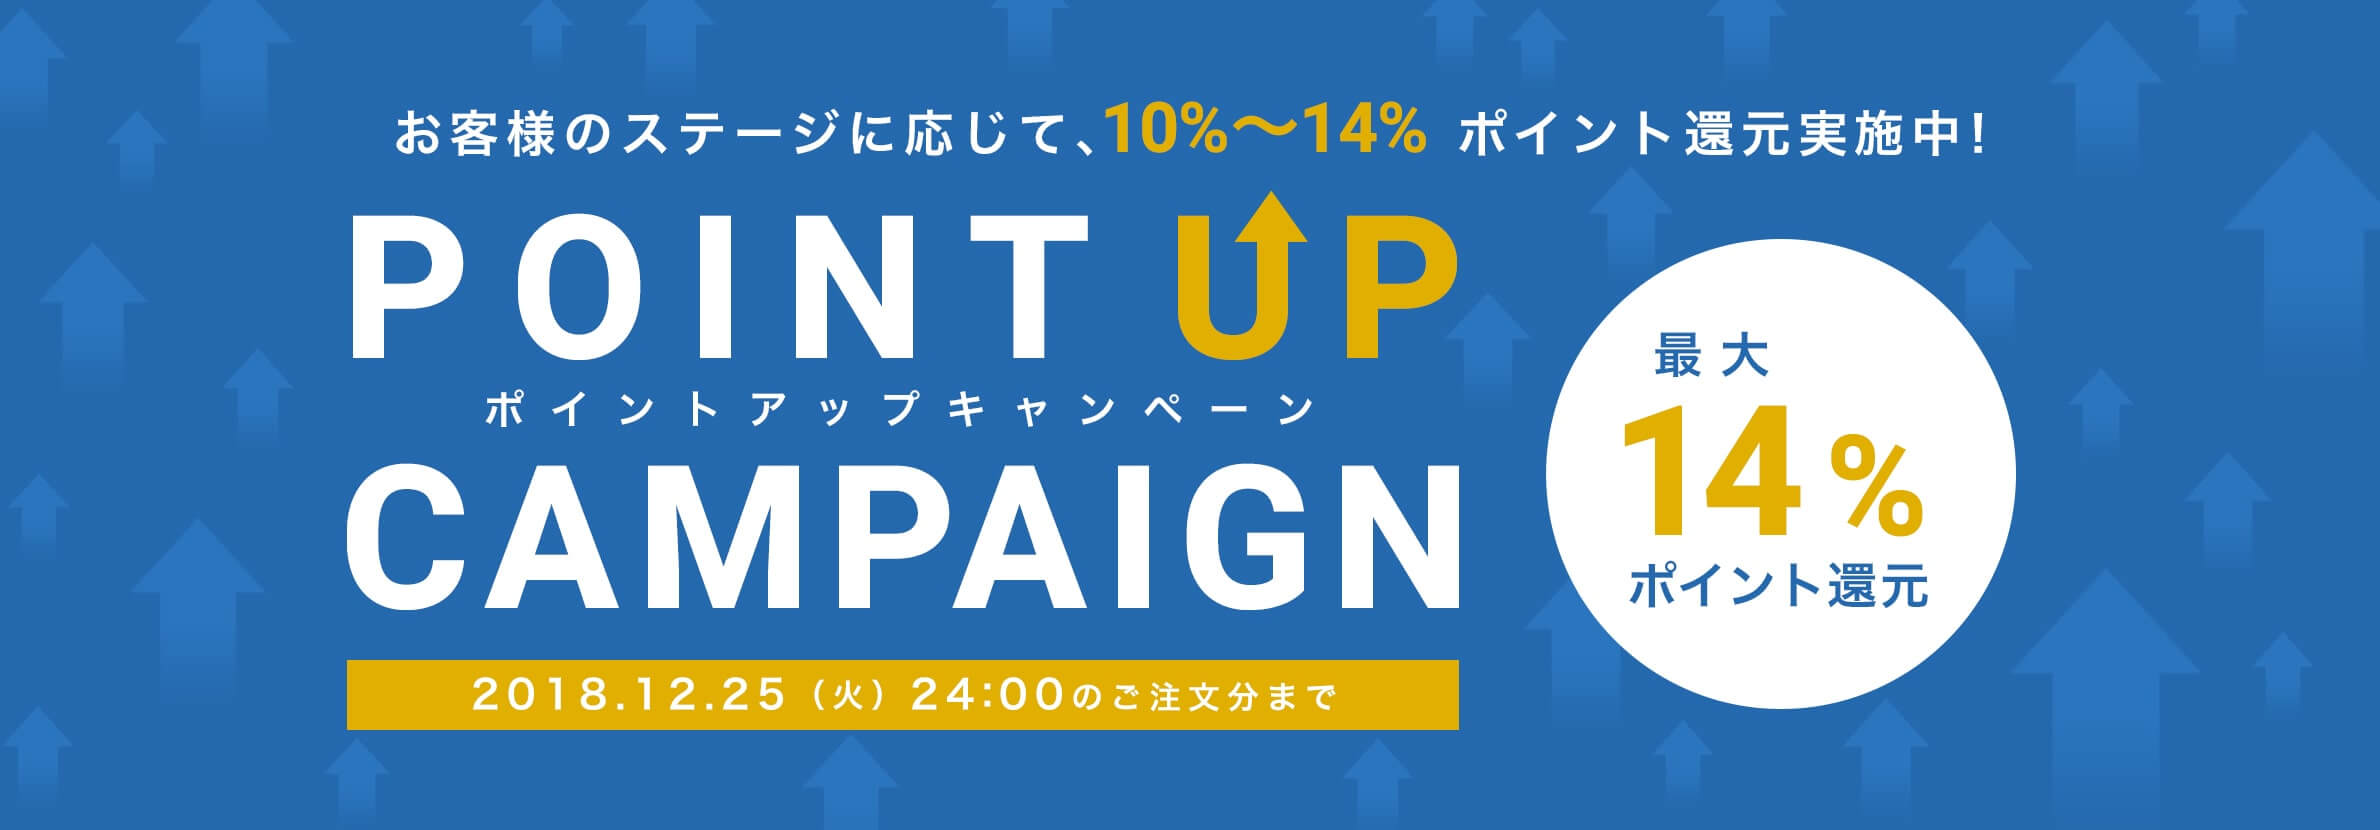 14%ポイントキャンペーン